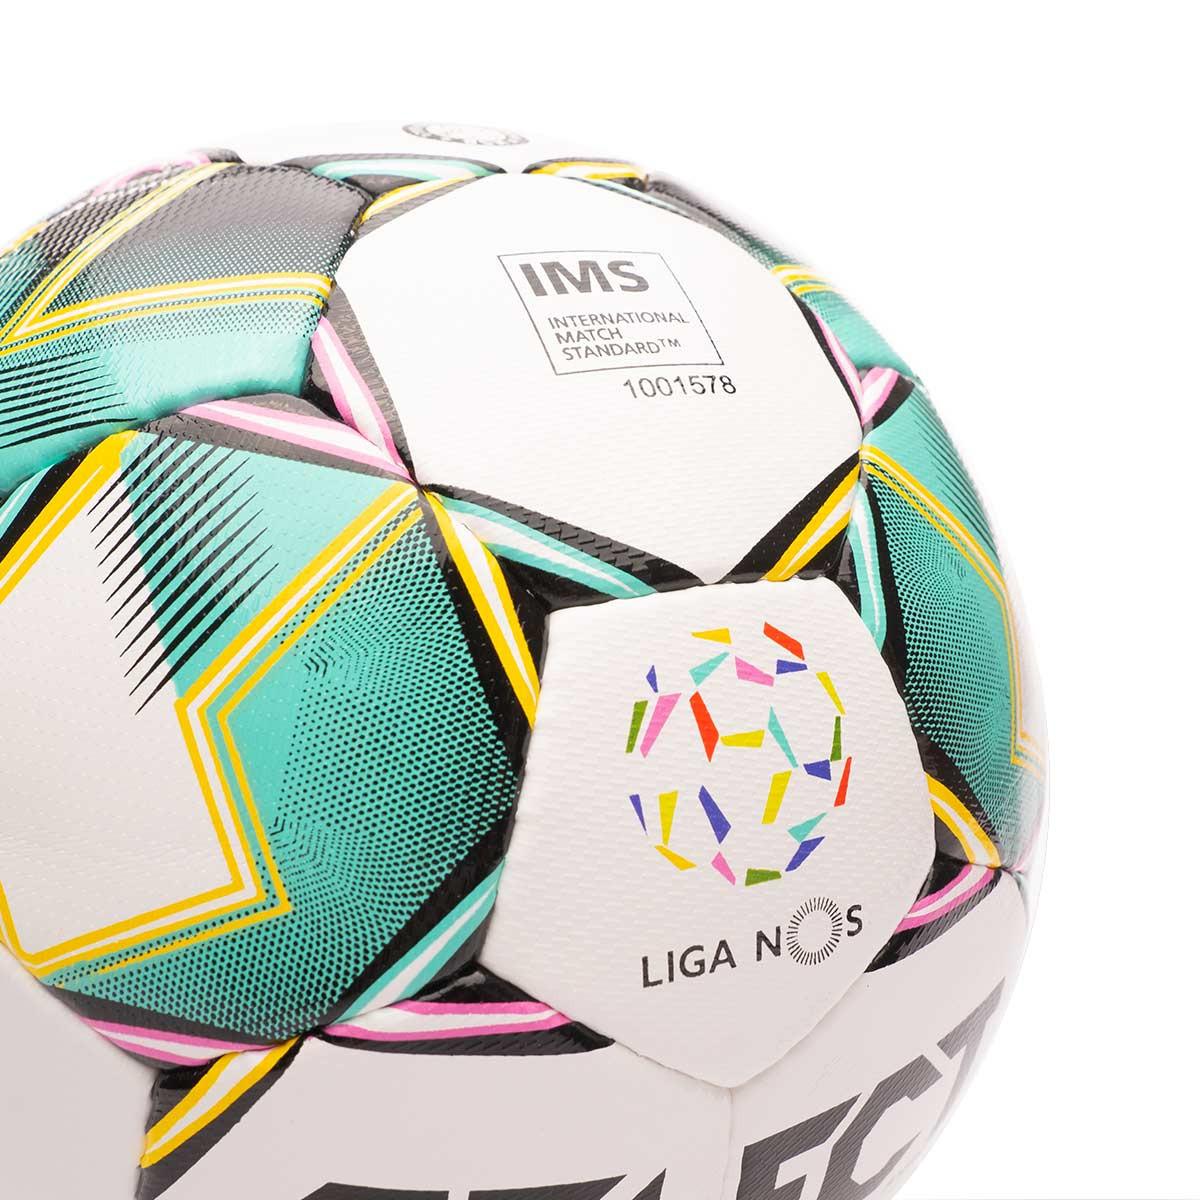 Liga Nos 2021